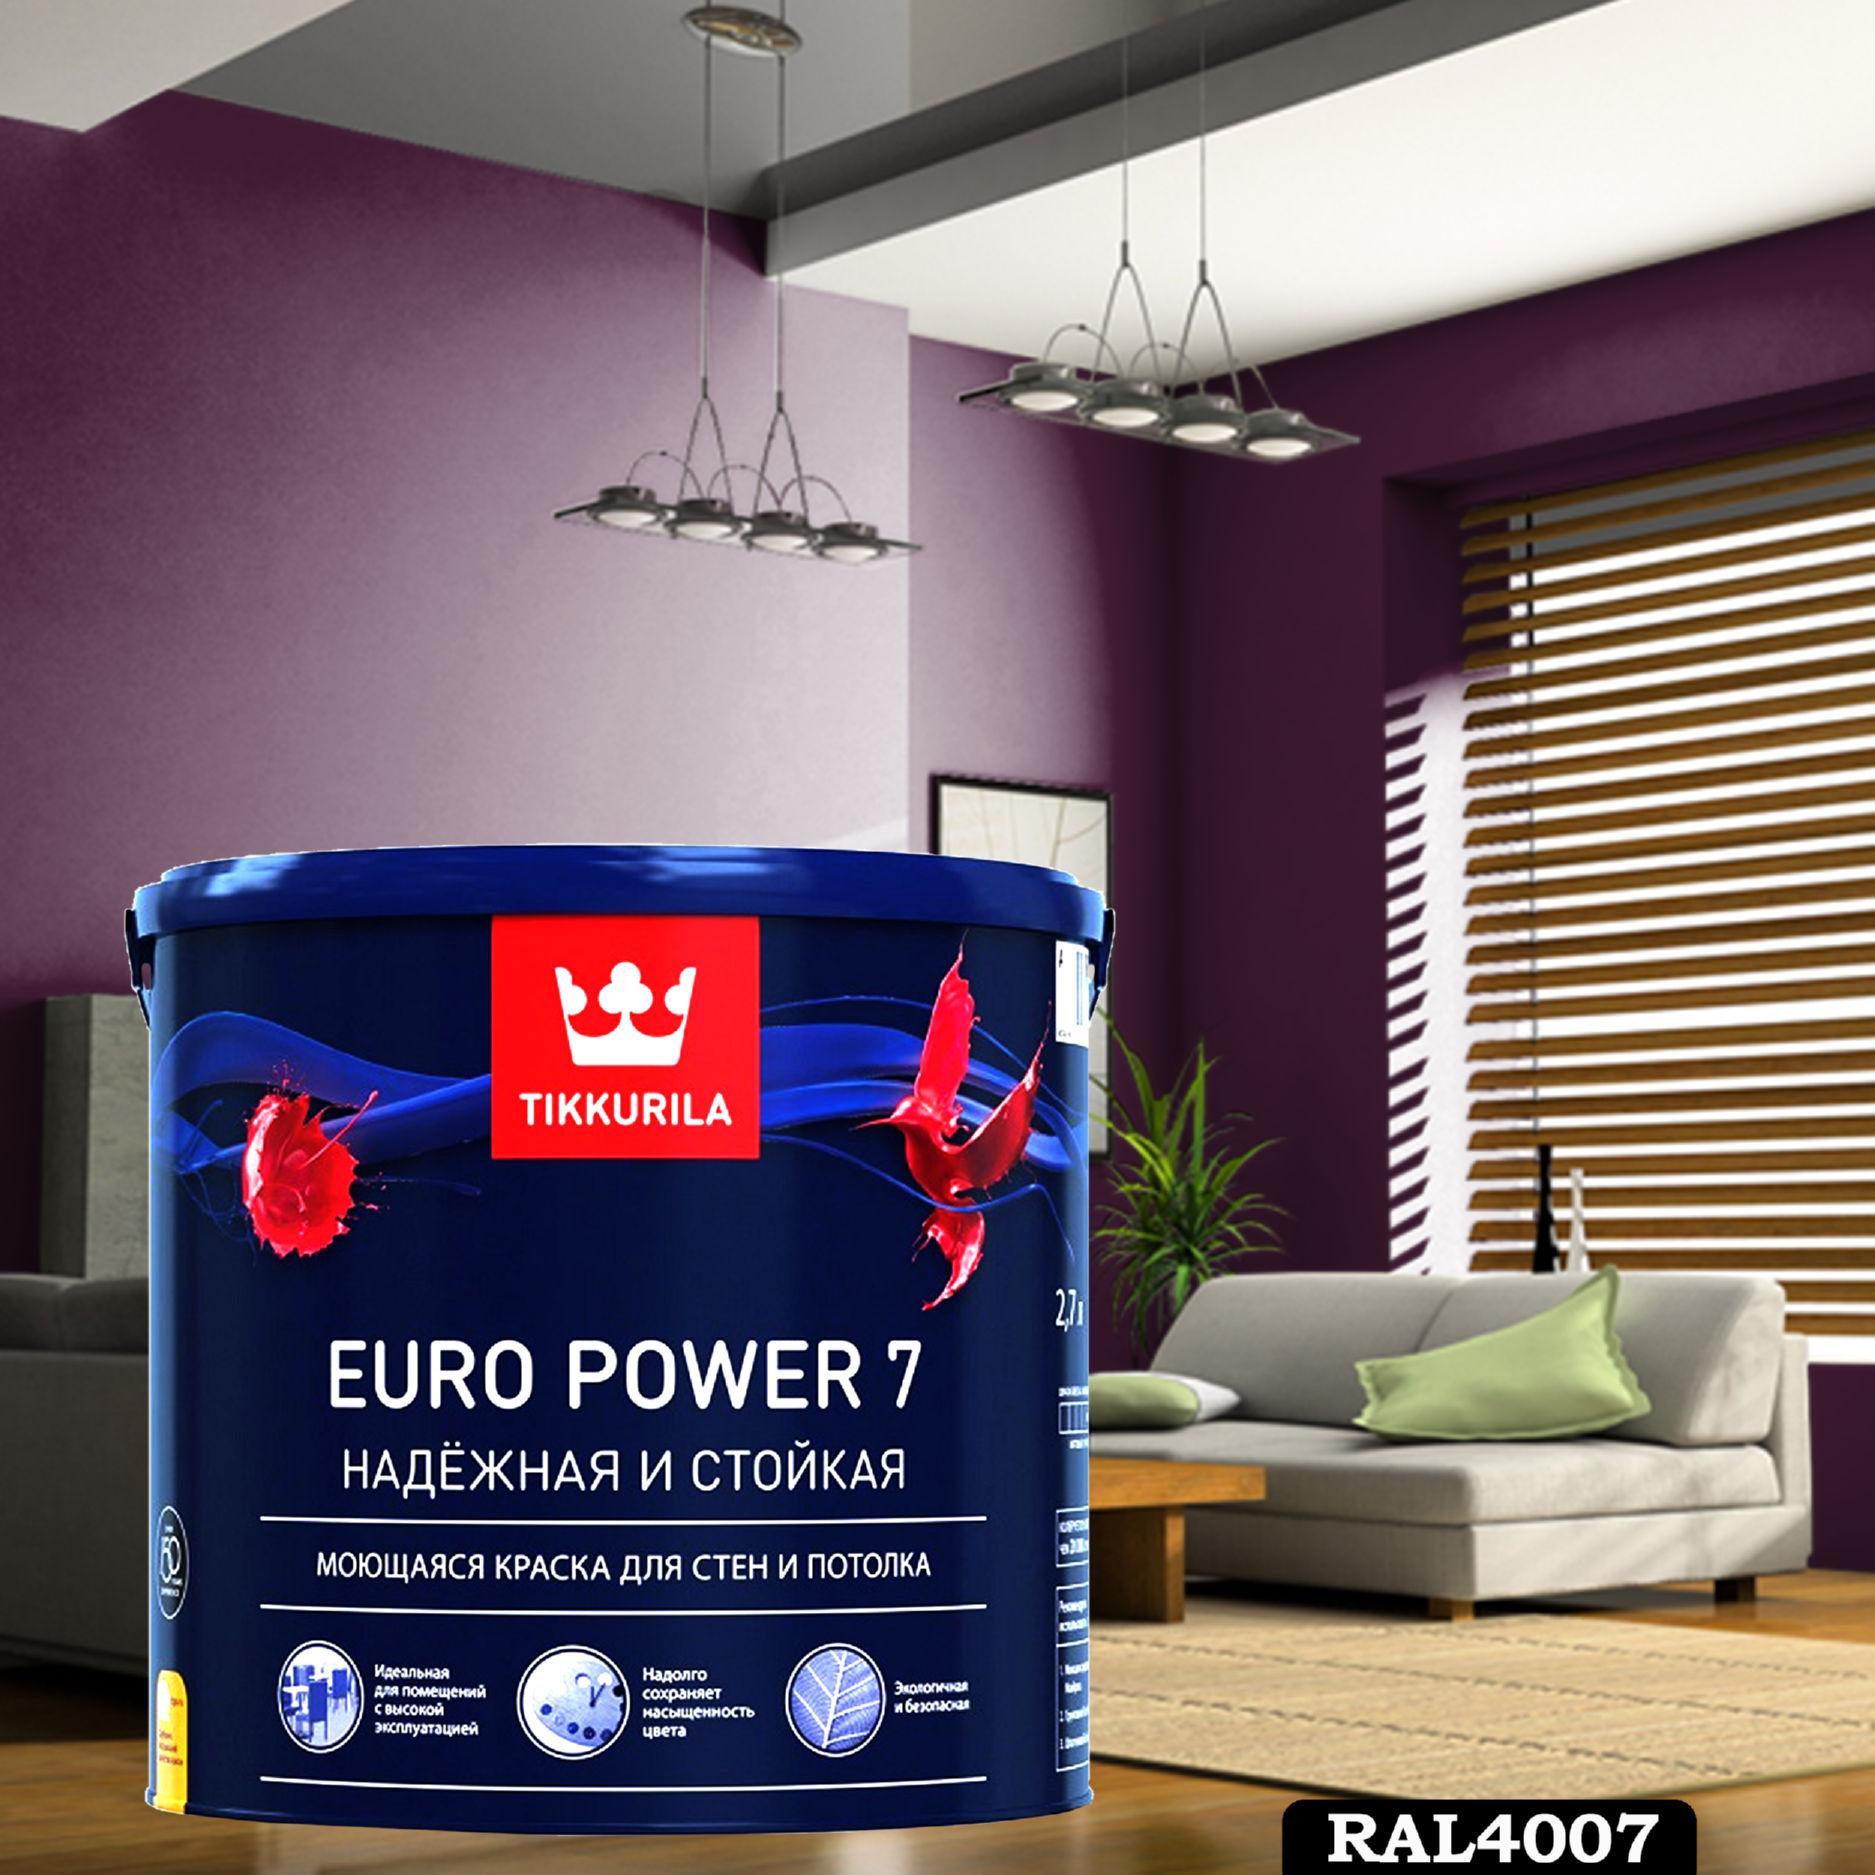 Фото 7 - Краска TIKKURILA Euro Power 7,  RAL 4007 Пурпурно-фиолетовый, латексная моющаяся матовая интерьерная, 9 л.